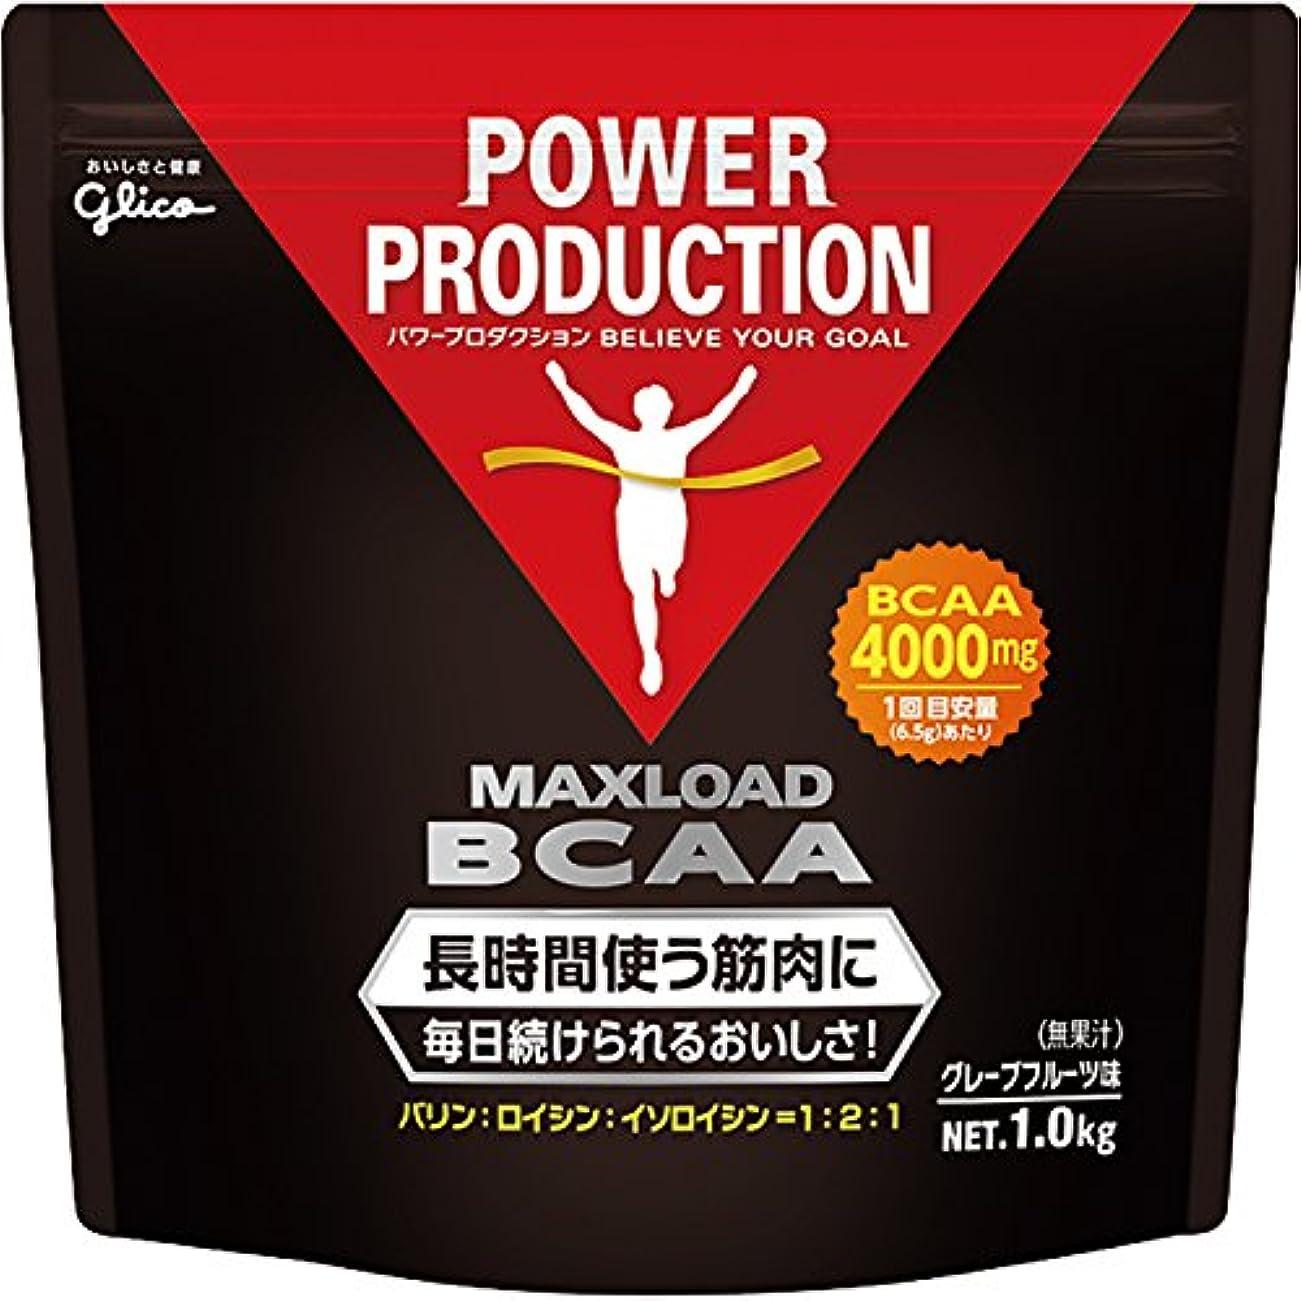 百科事典ダンス距離グリコ パワープロダクション マックスロード BCAA4000mg アミノ酸 グレープフルーツ風味 1kg【使用目安 約153回分】